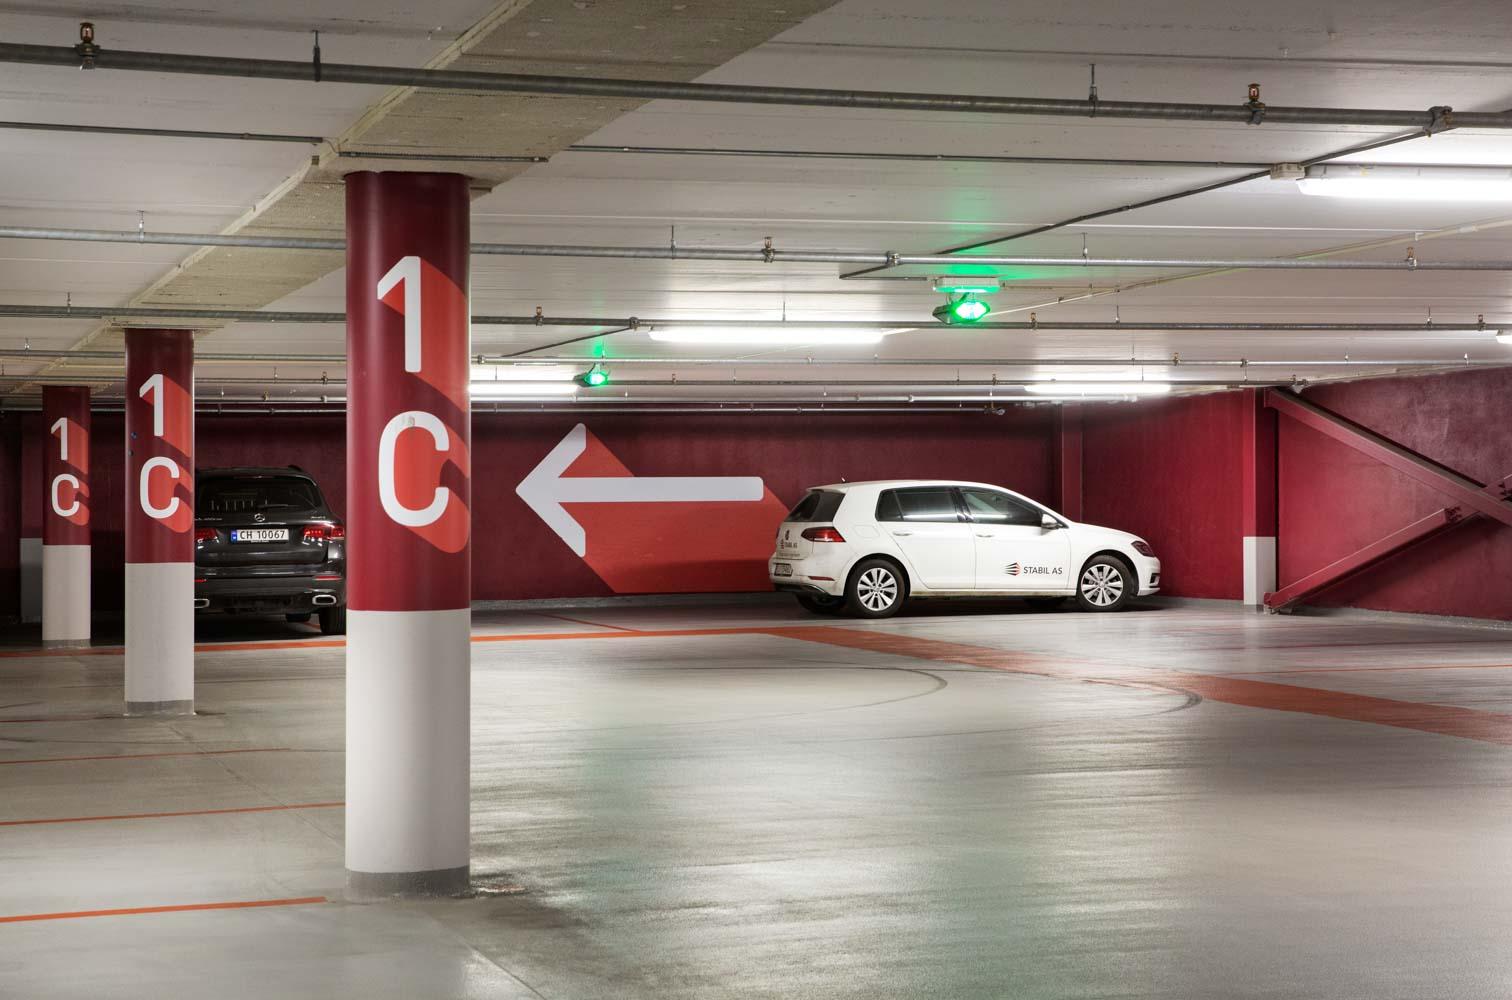 Triaden parkeringshus ligger i tilknytning til Triaden senter og består av stålbæring med HD elementer. Stabil har prosjektert stålbæringen for Åkrene Mek. på prosjektet.